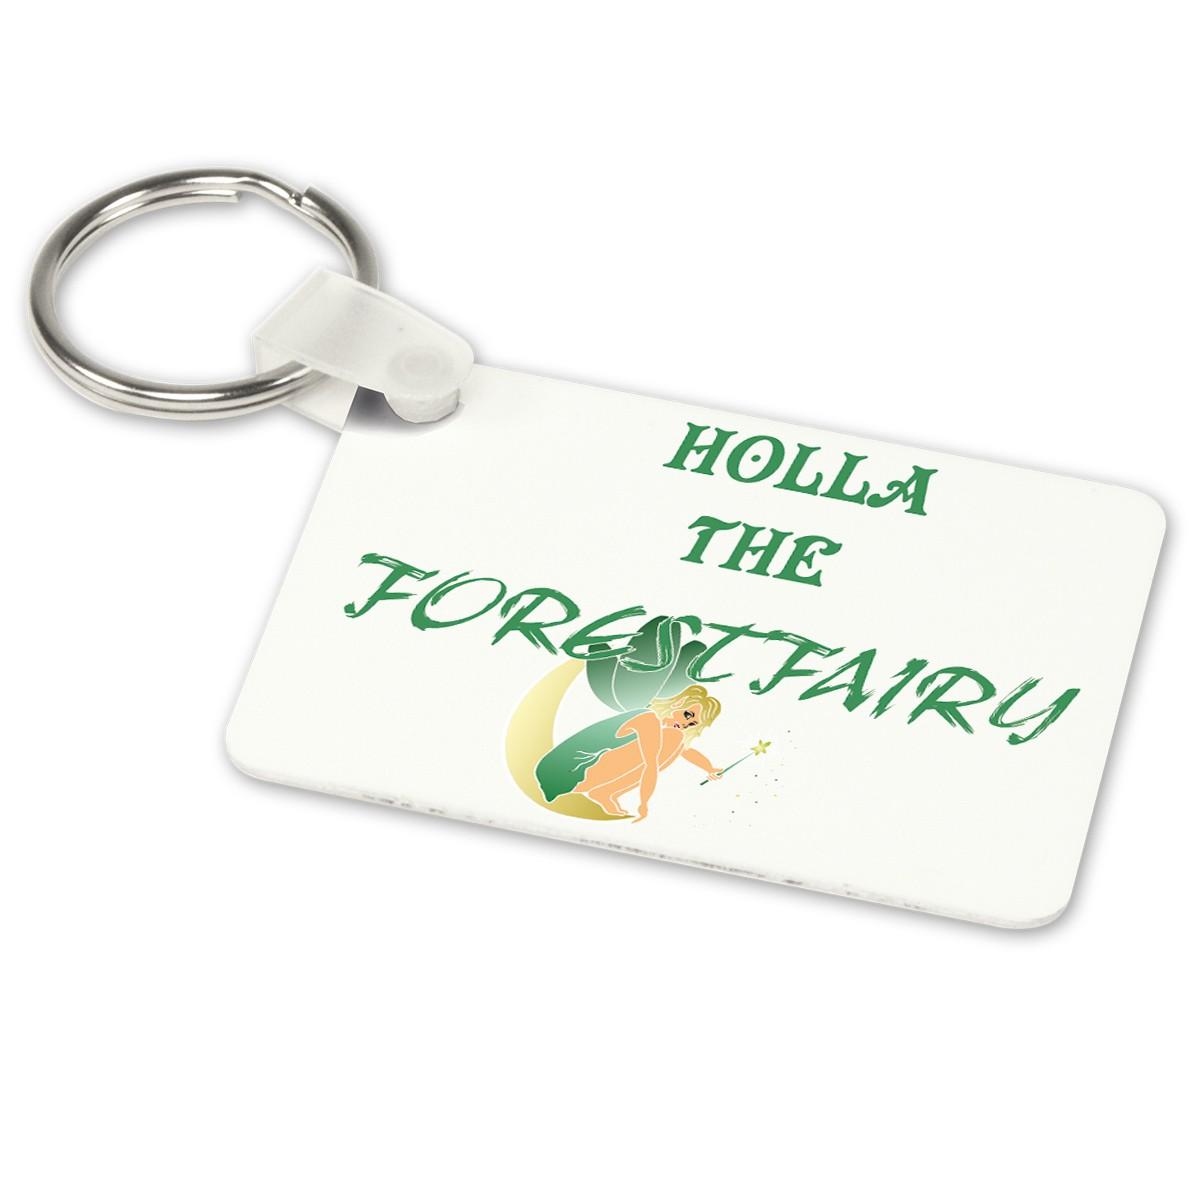 Alu-Schlüsselanhänger weiß - Modell: Forestfairy